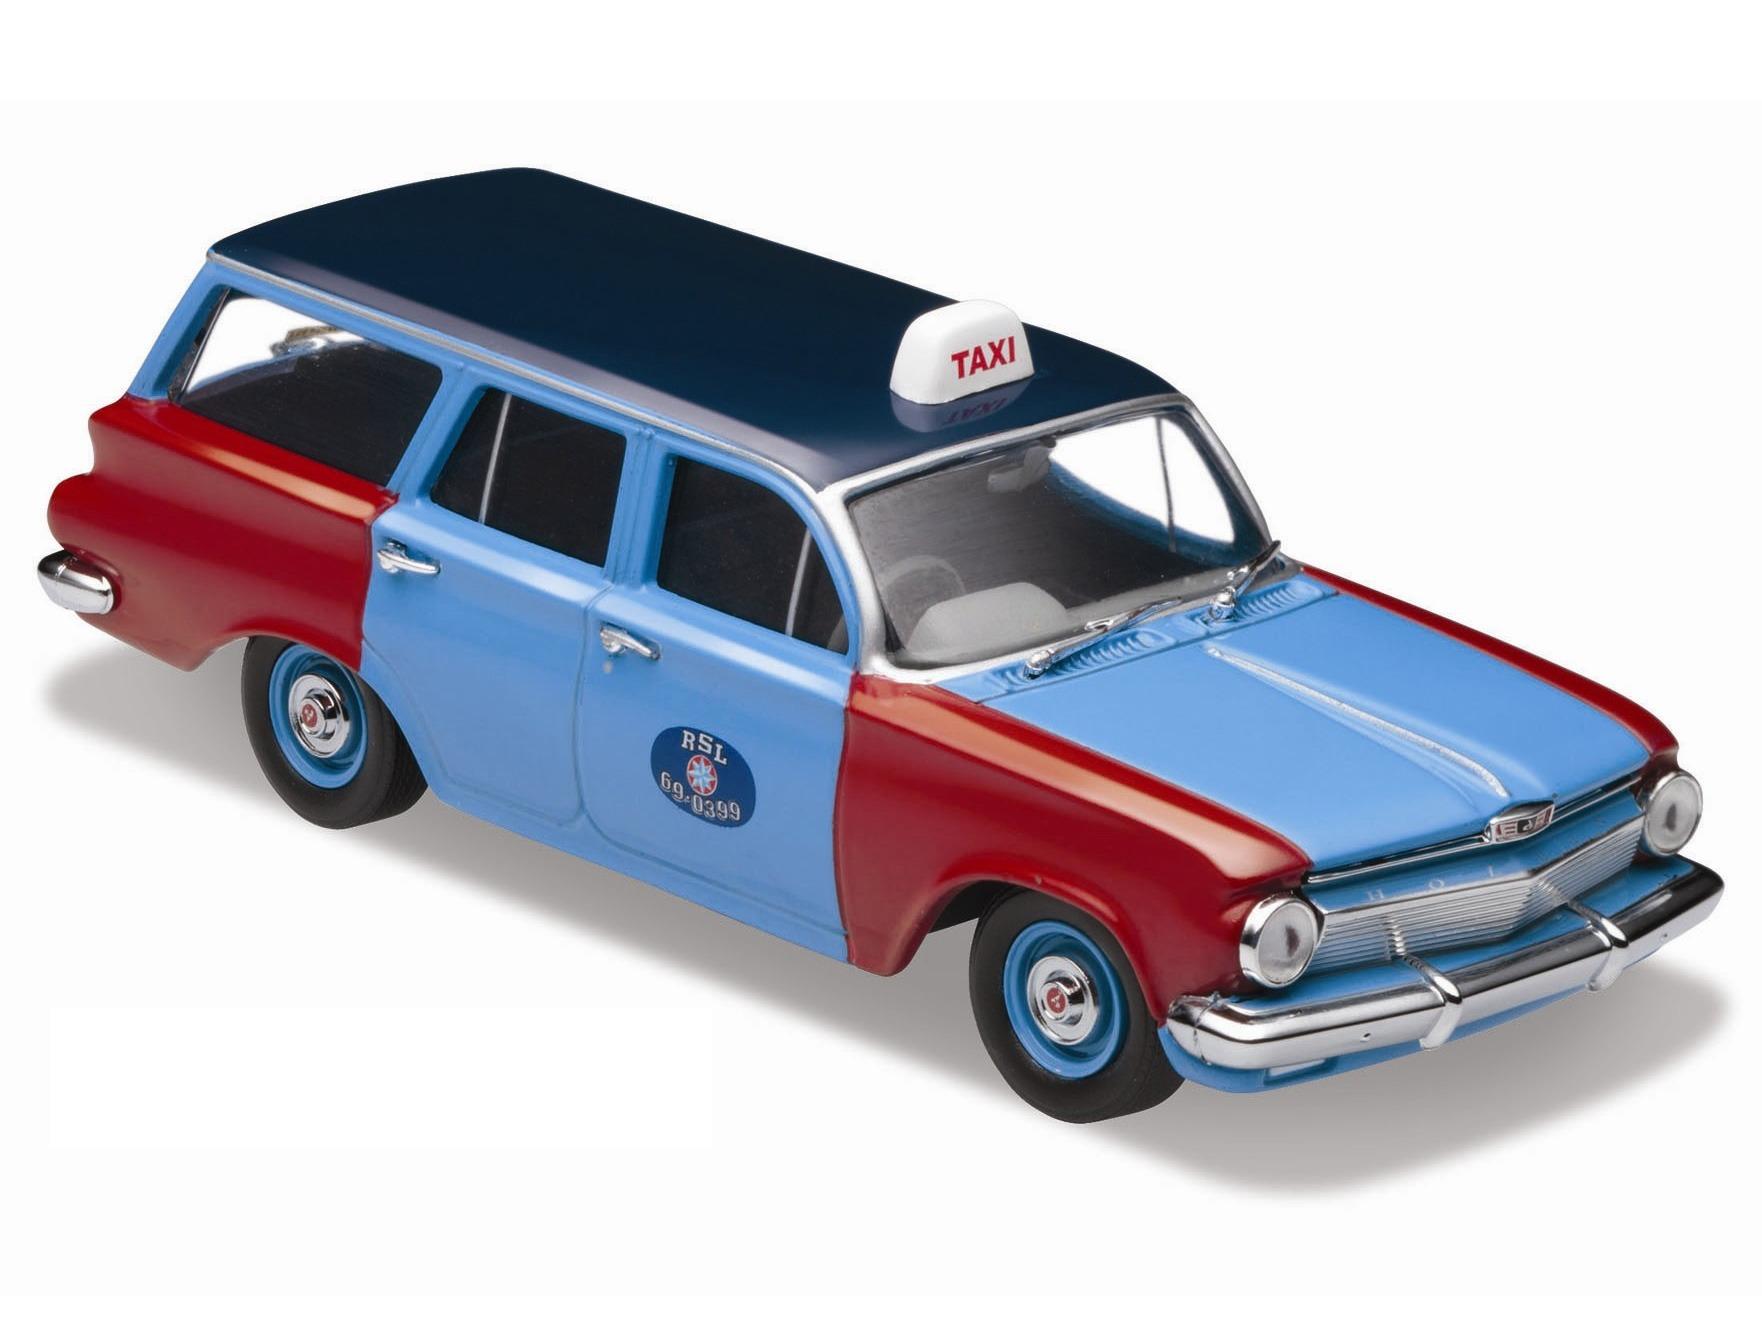 1962 Holden EJ Station Wagon – RSL Taxis Sydney